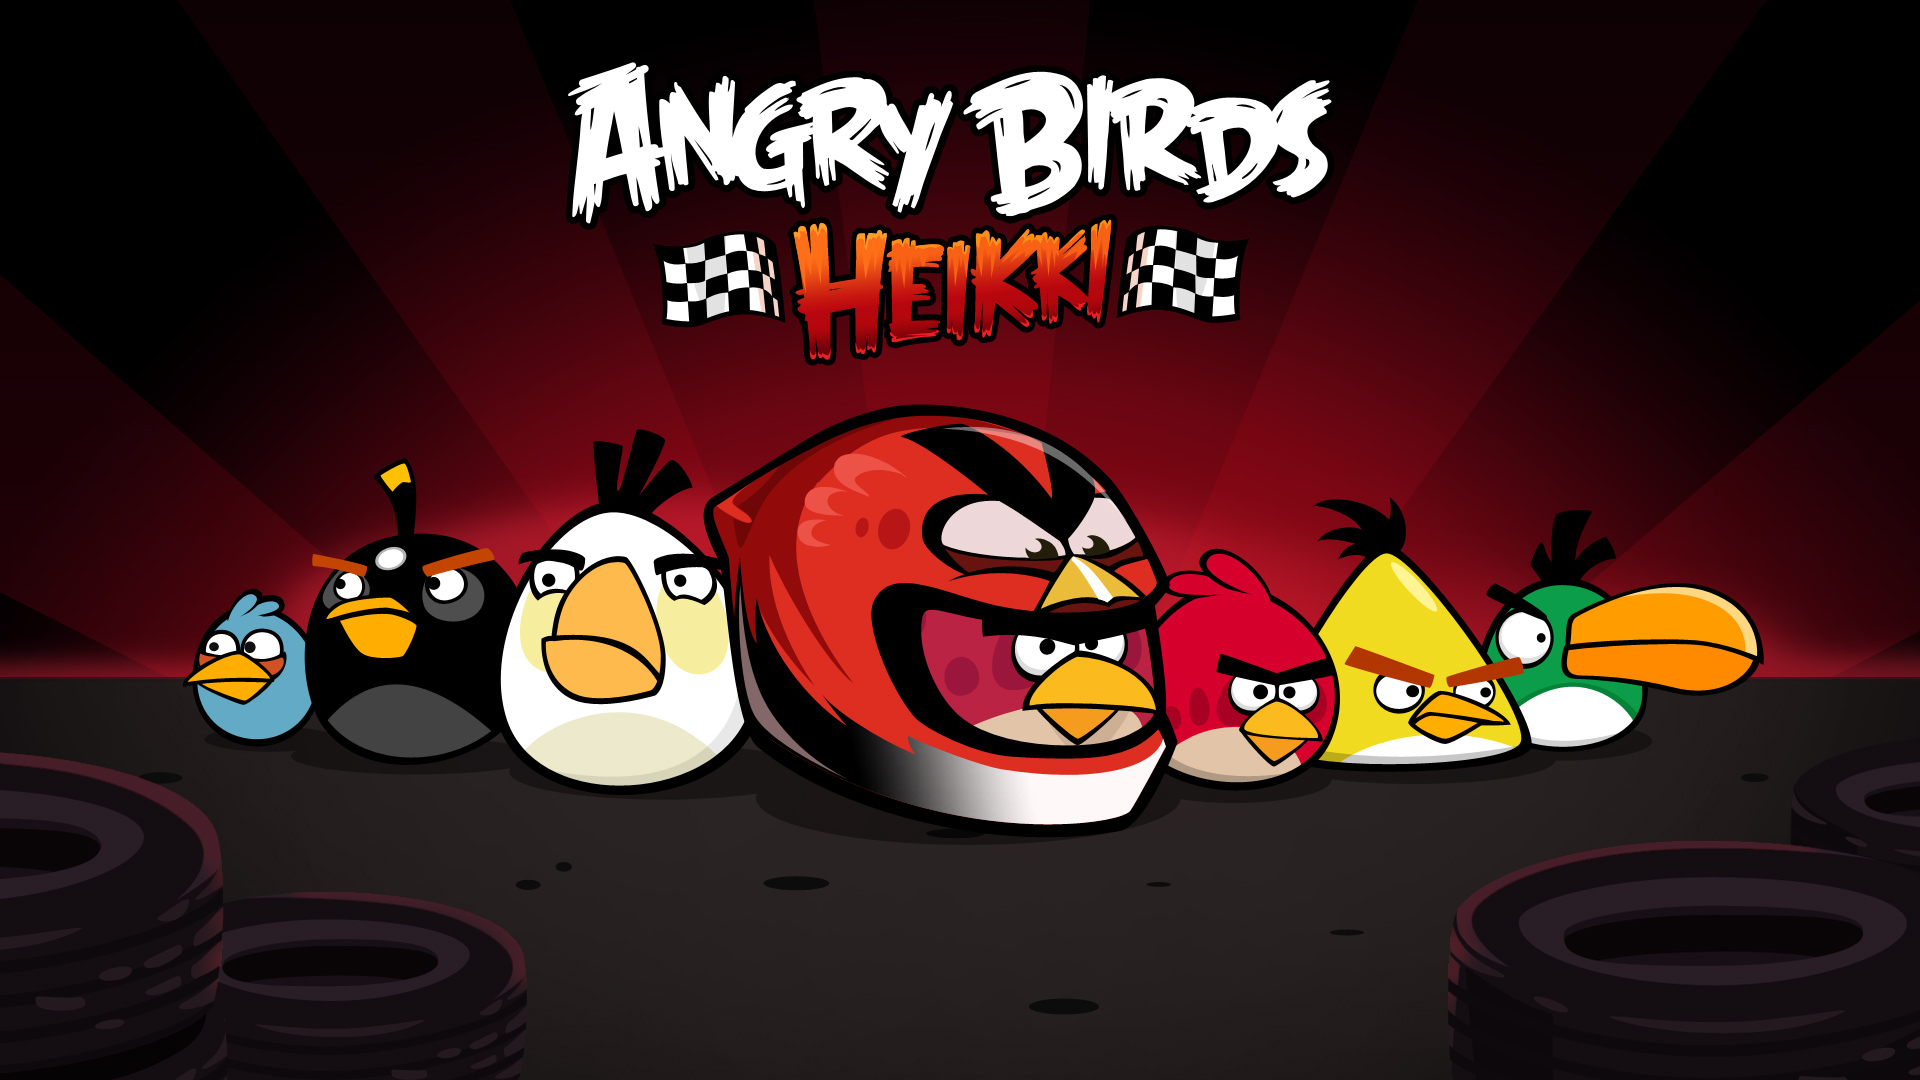 لعبه الطيور الغاضبة Heikki_wallpaper2_large